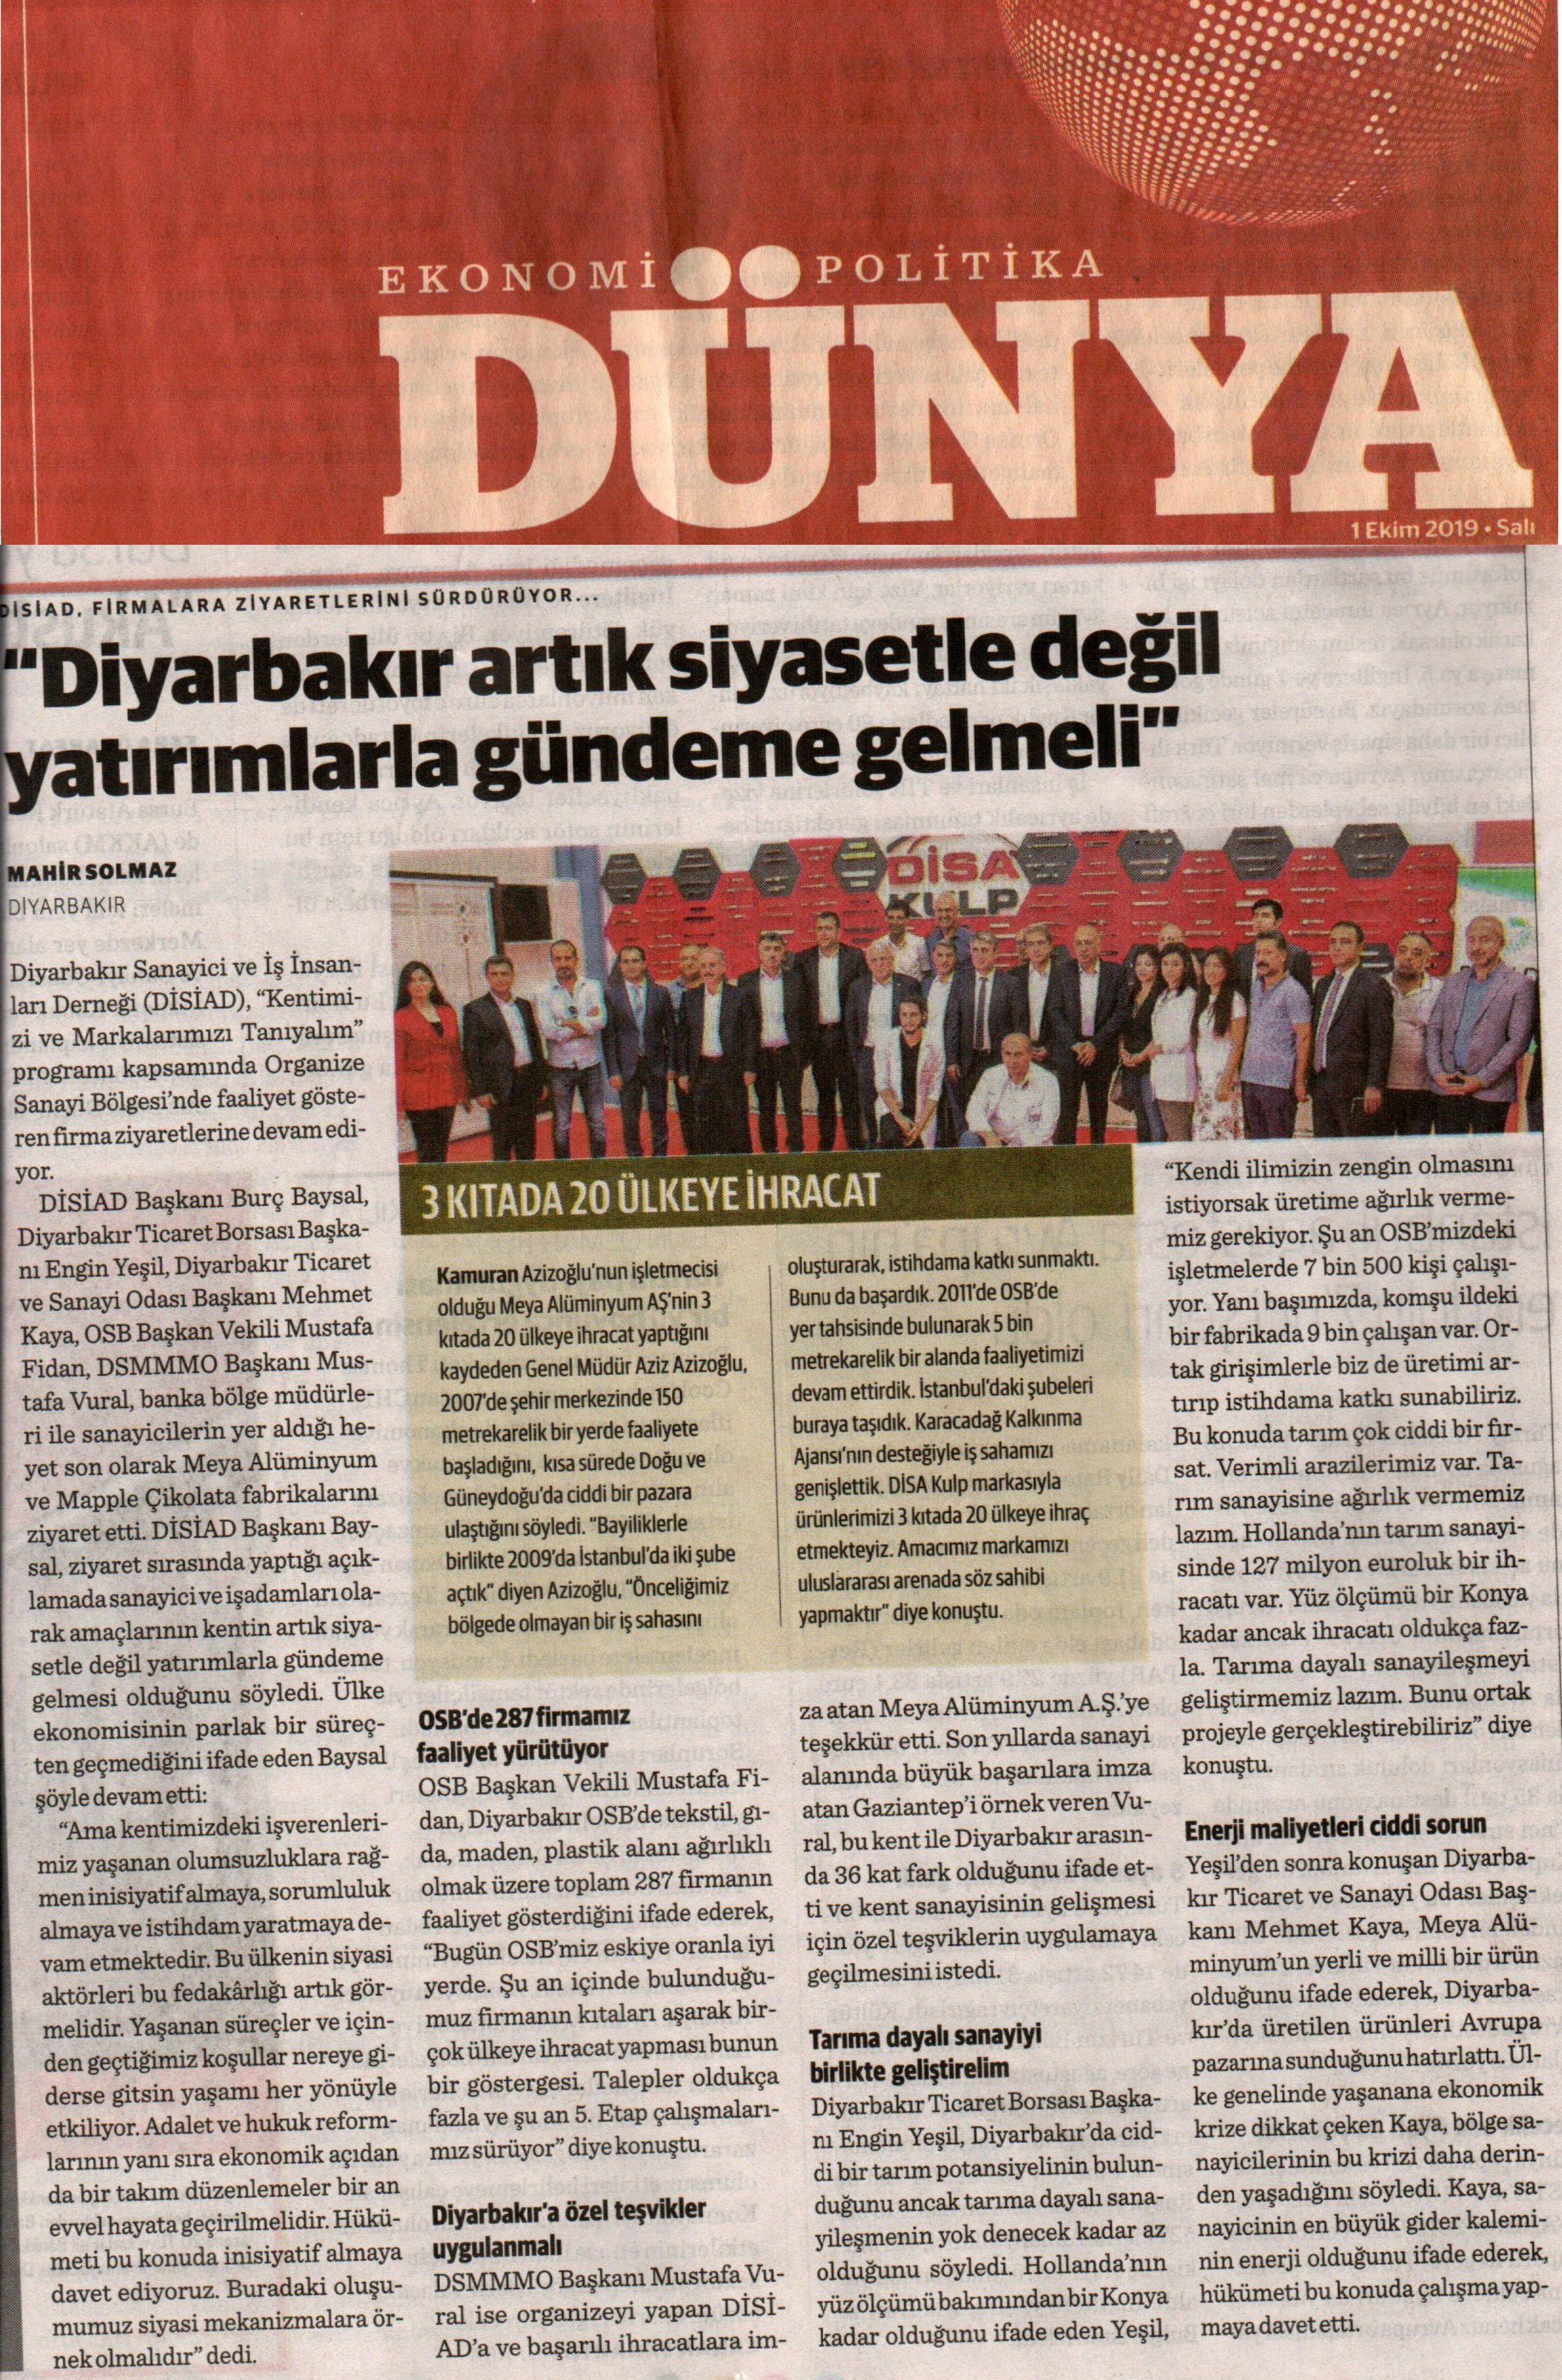 DİYARBAKIR ARTIK SİYASETLE DEĞİL YATIRIMLARLA GÜNDEME GELMELİ (Dünya Gazetesi)